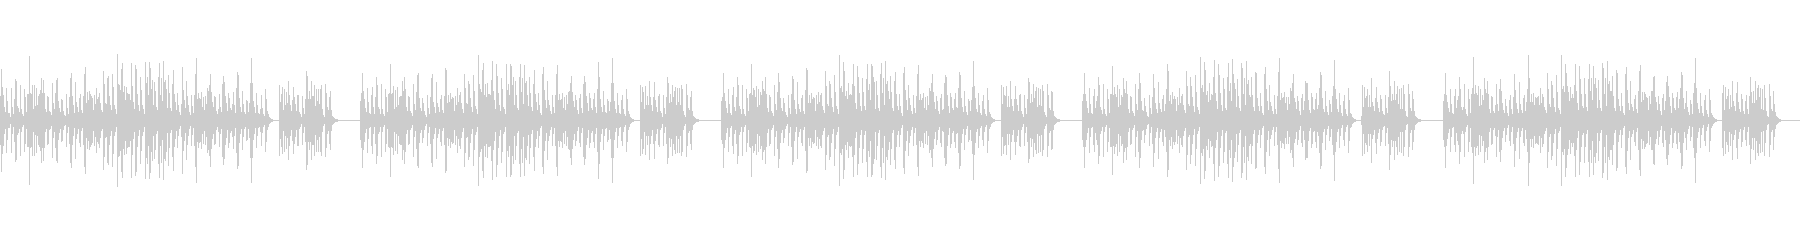 縁日の帰り道/和風/シンプルな琴のBGMの未再生の波形